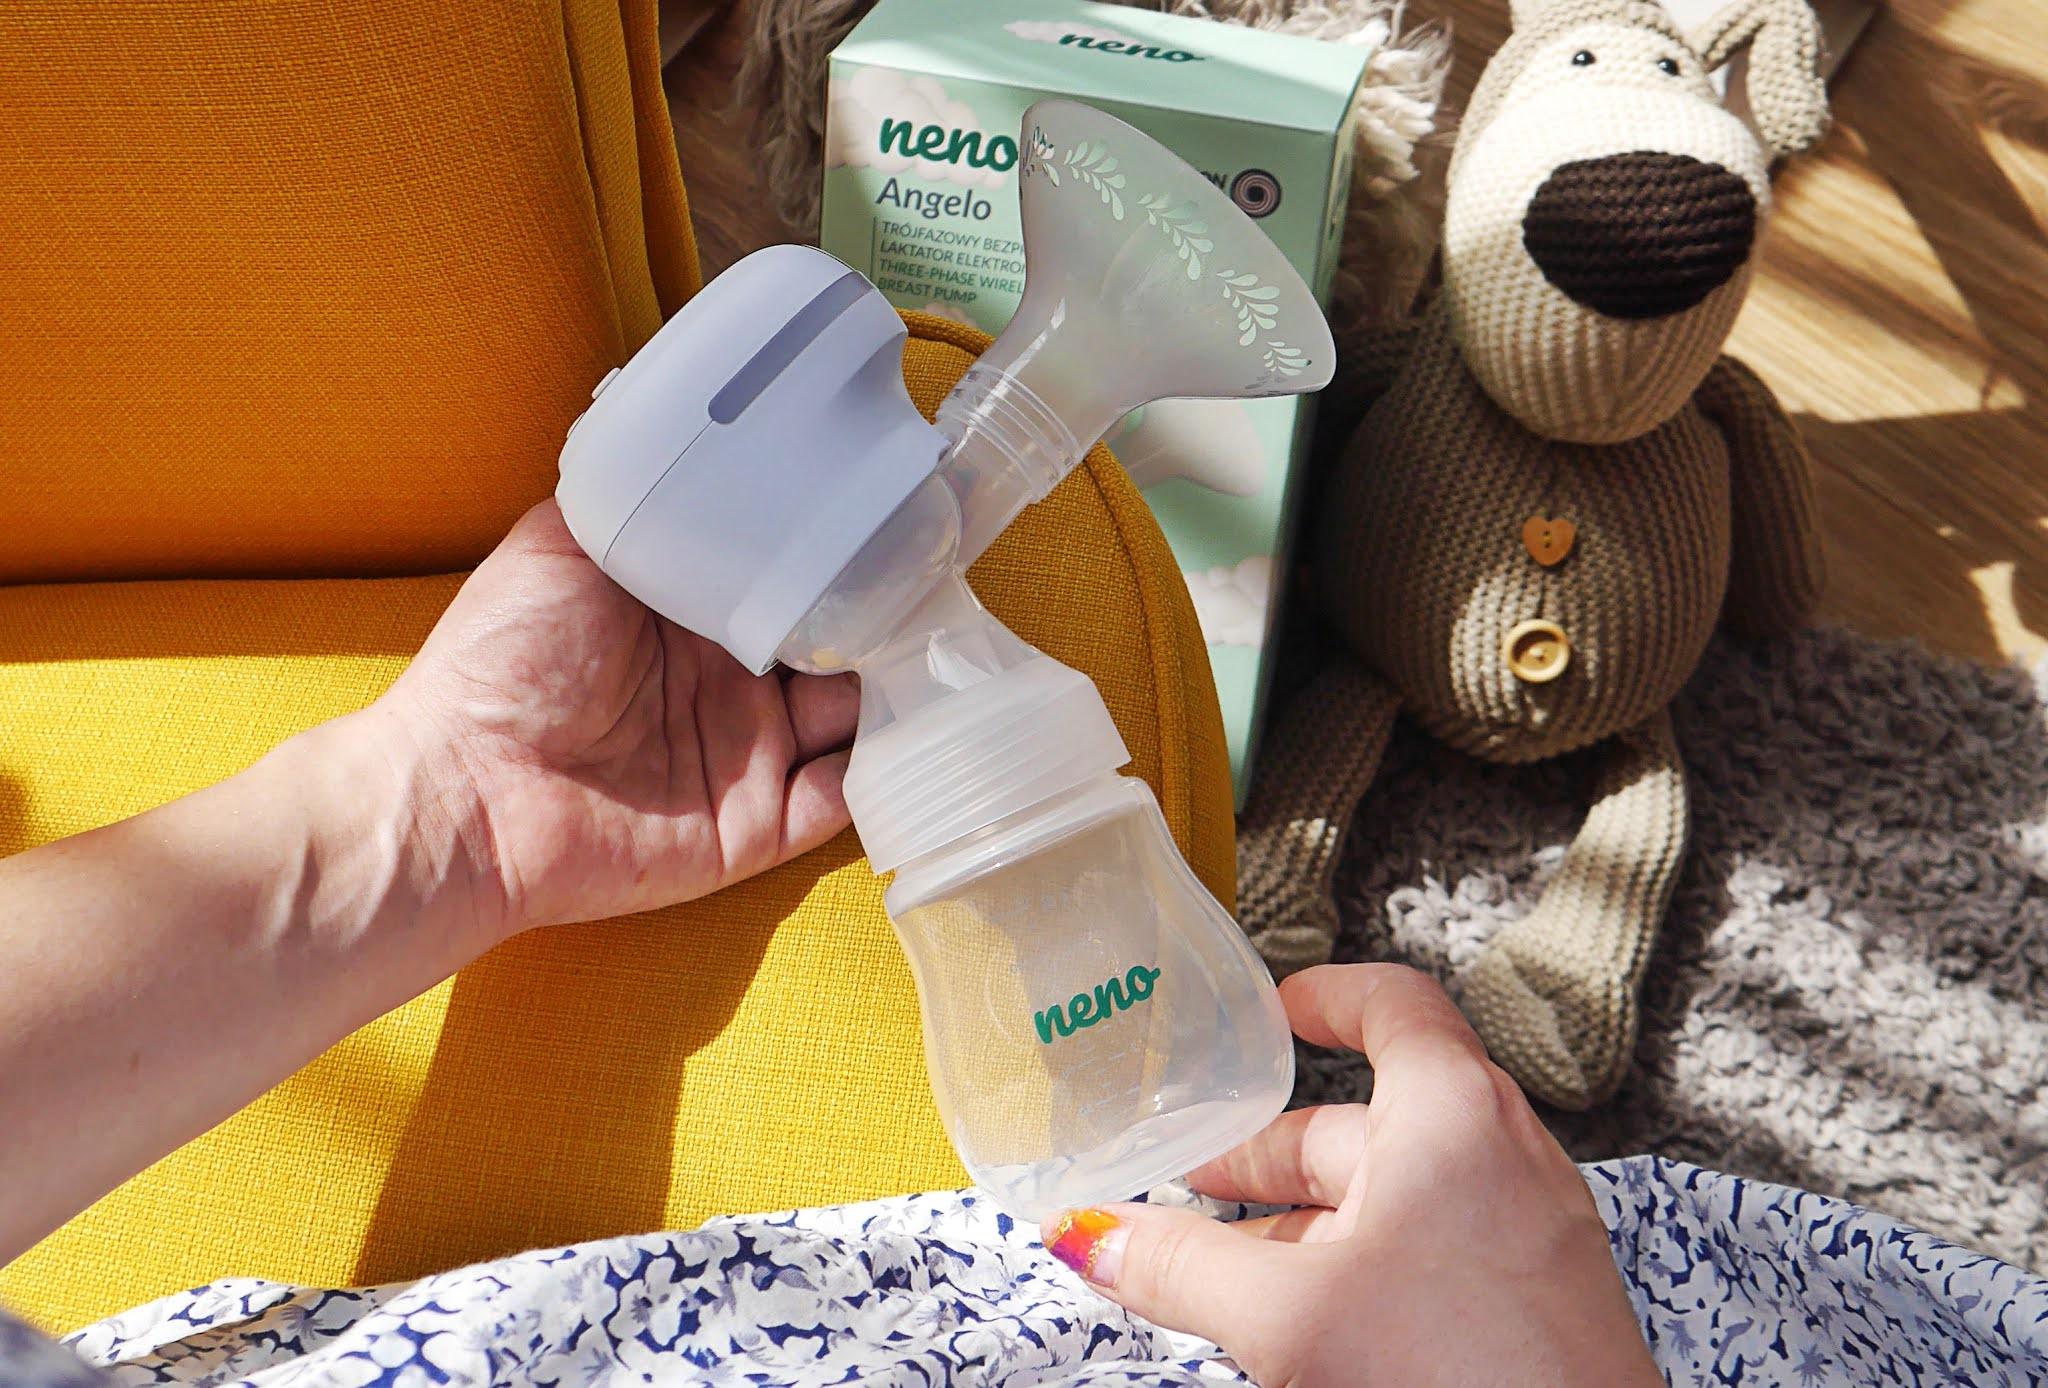 blog modowy blogerka modowa parentingowa parentingowy wyprawka dla noworodka neno laktator angelo pojedyńczy apirator do nosa sinus termometr bezdotykowy medica T02 śliniaczek silikonowy butelka dla dziecka z uszami 300 ml gratis wyprawka mai hyży dla dziecka na dobry start